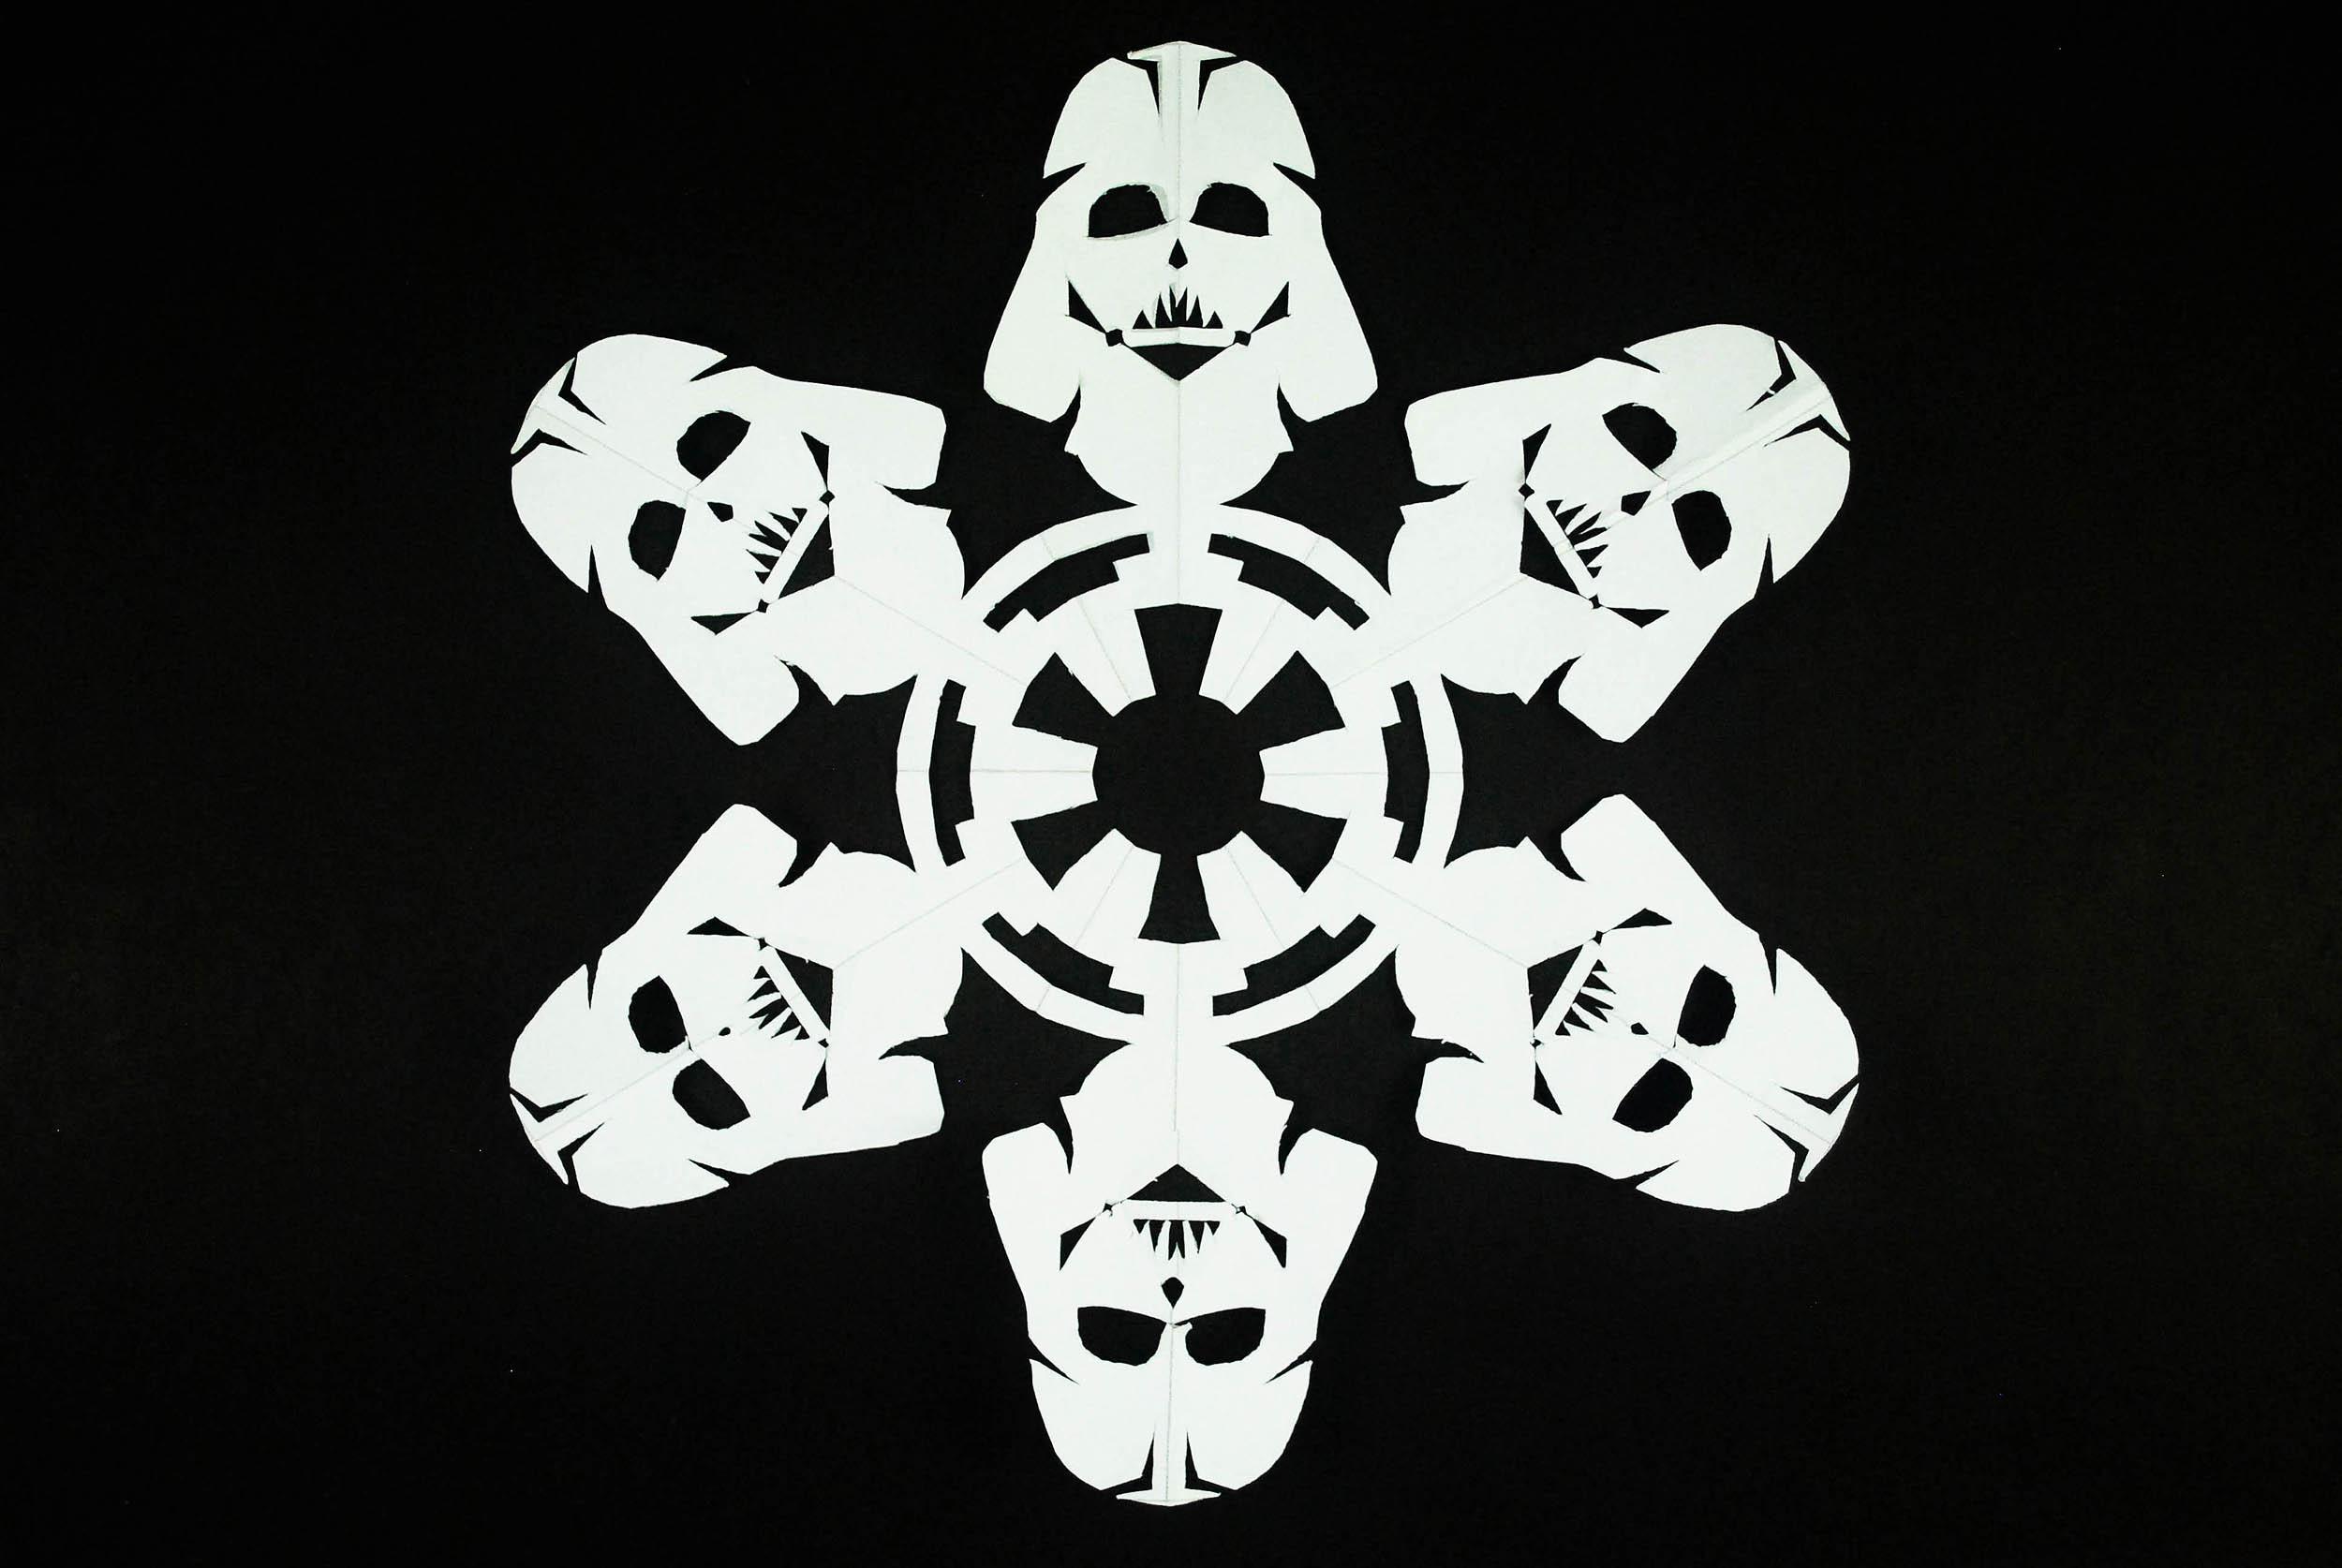 Бумажные снежинки в стиле звездных войн